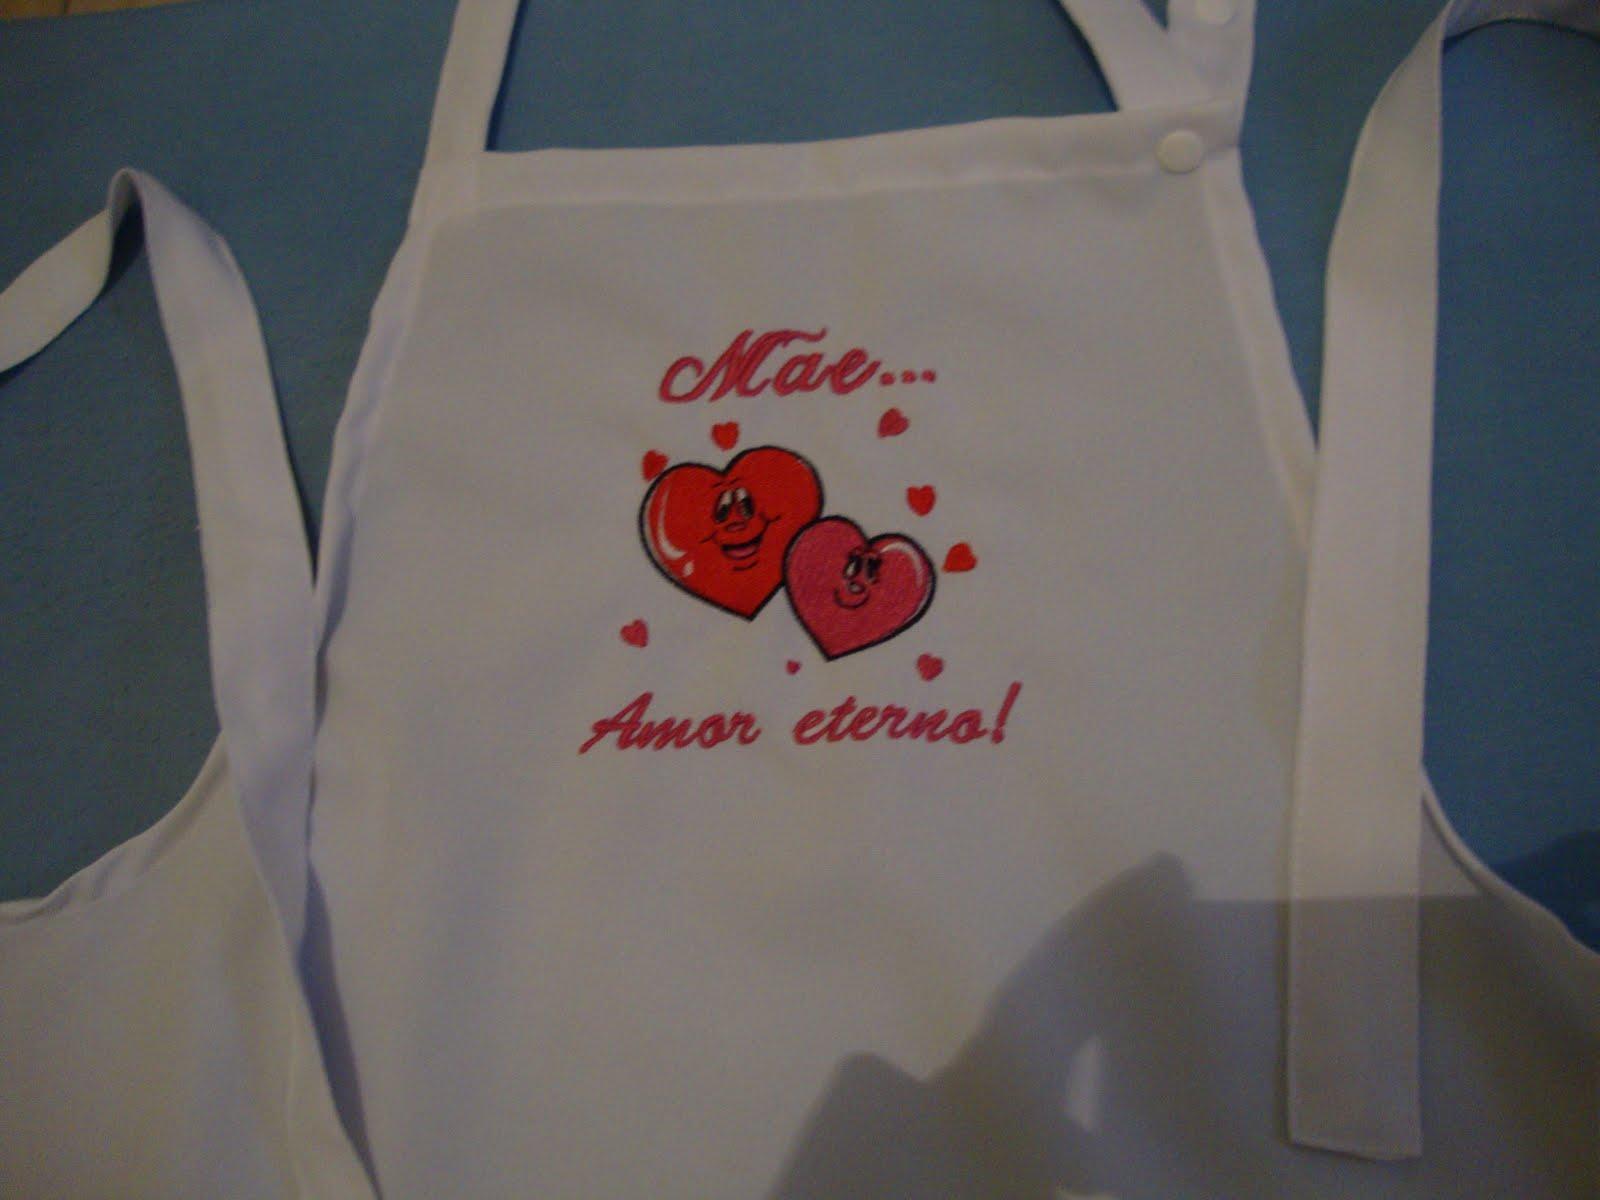 f2f0deb52 DiBabar - Produtos Personalizados: Avental Dia das Mães